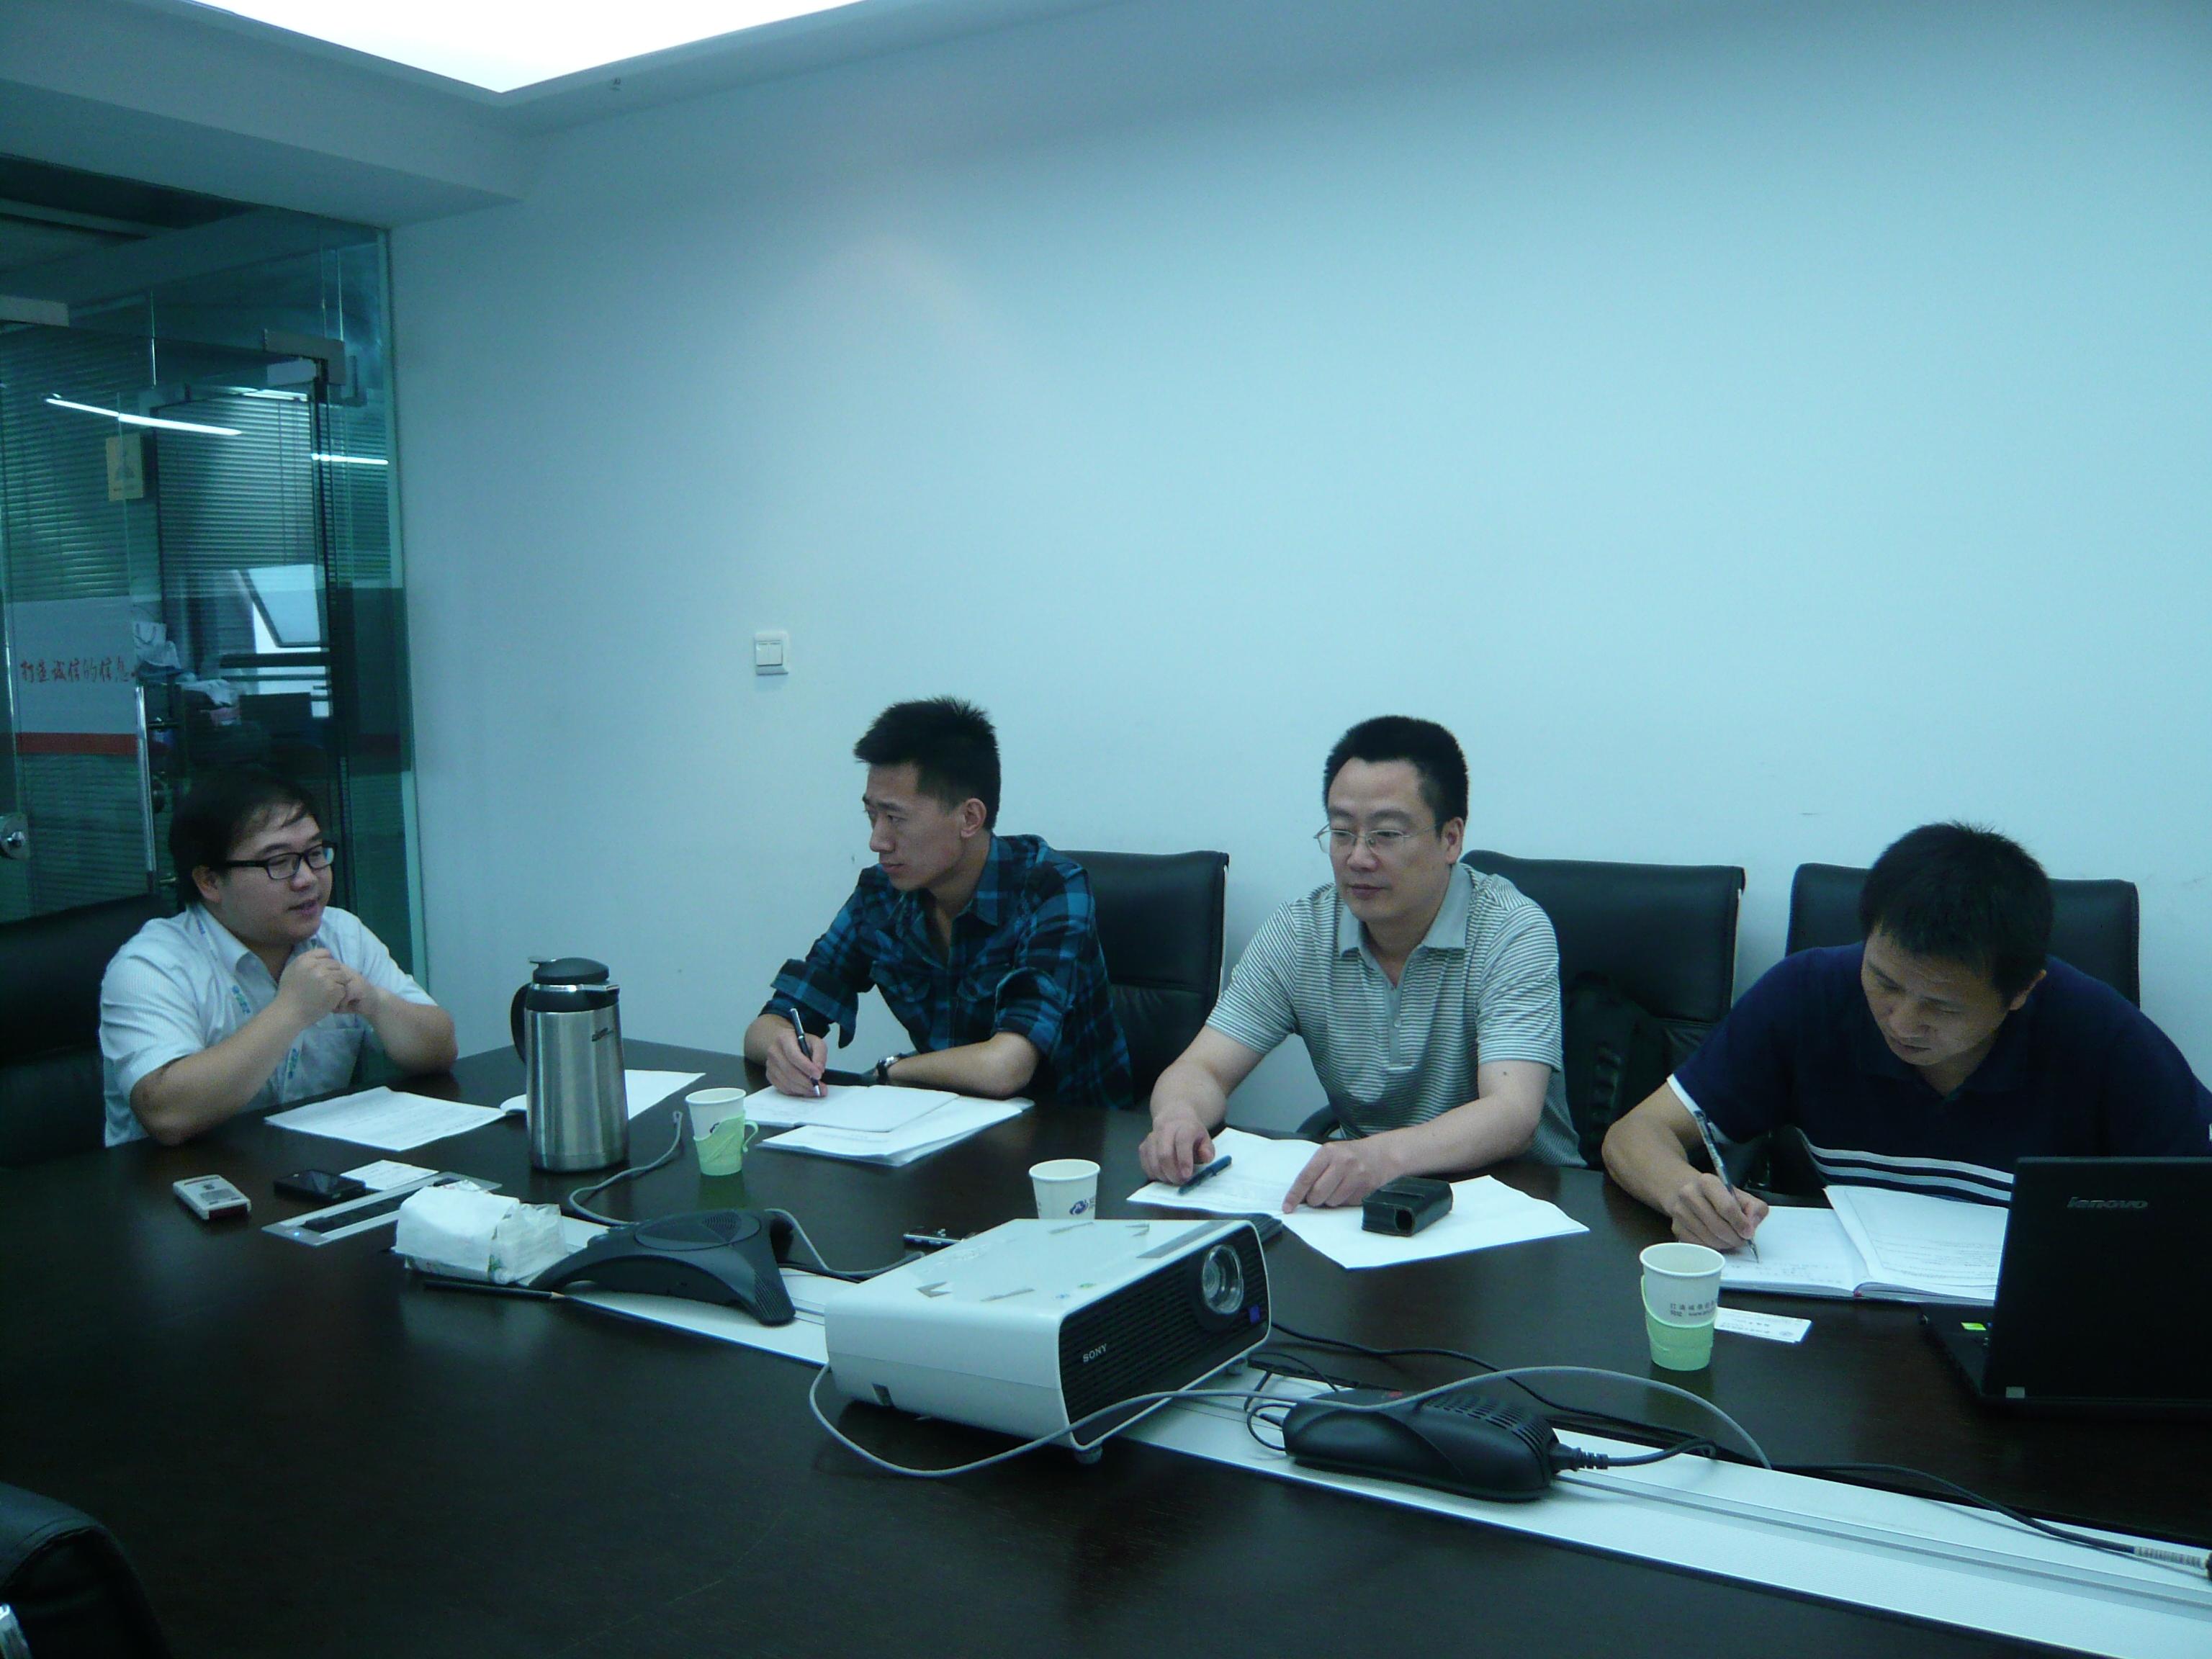 杭州安存网络科技有限公司 调研 智能信息处理